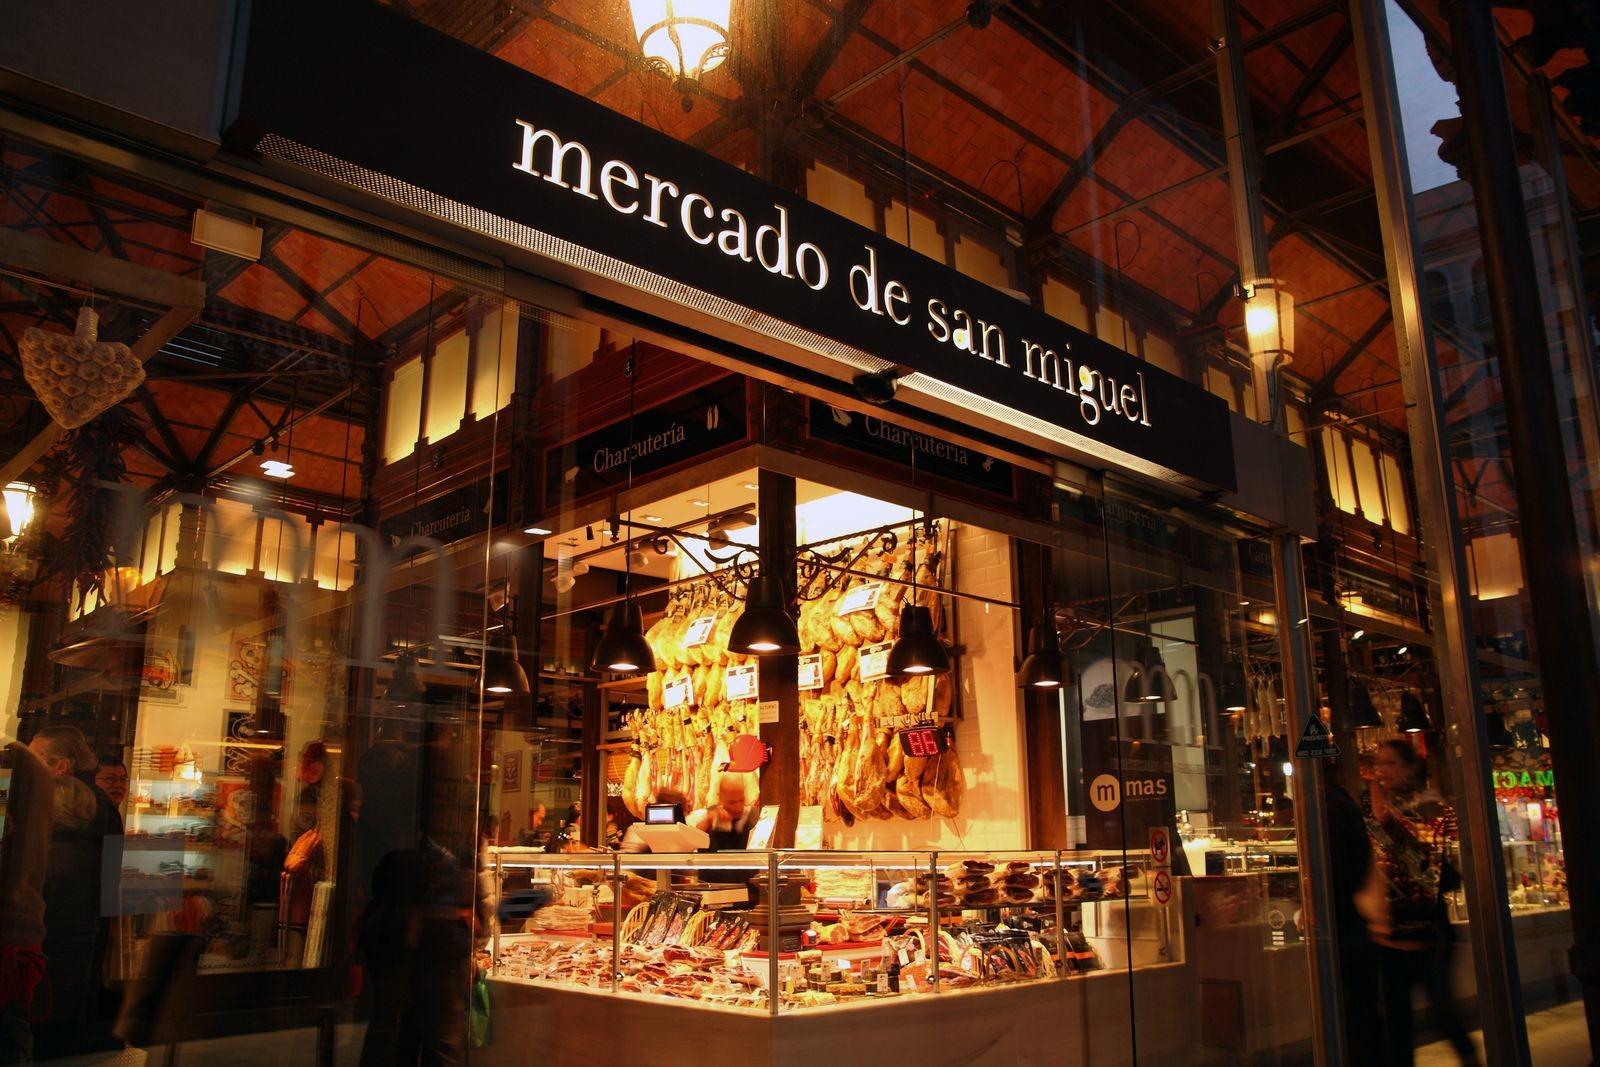 Mercado San Miguel,places to shop in Spain